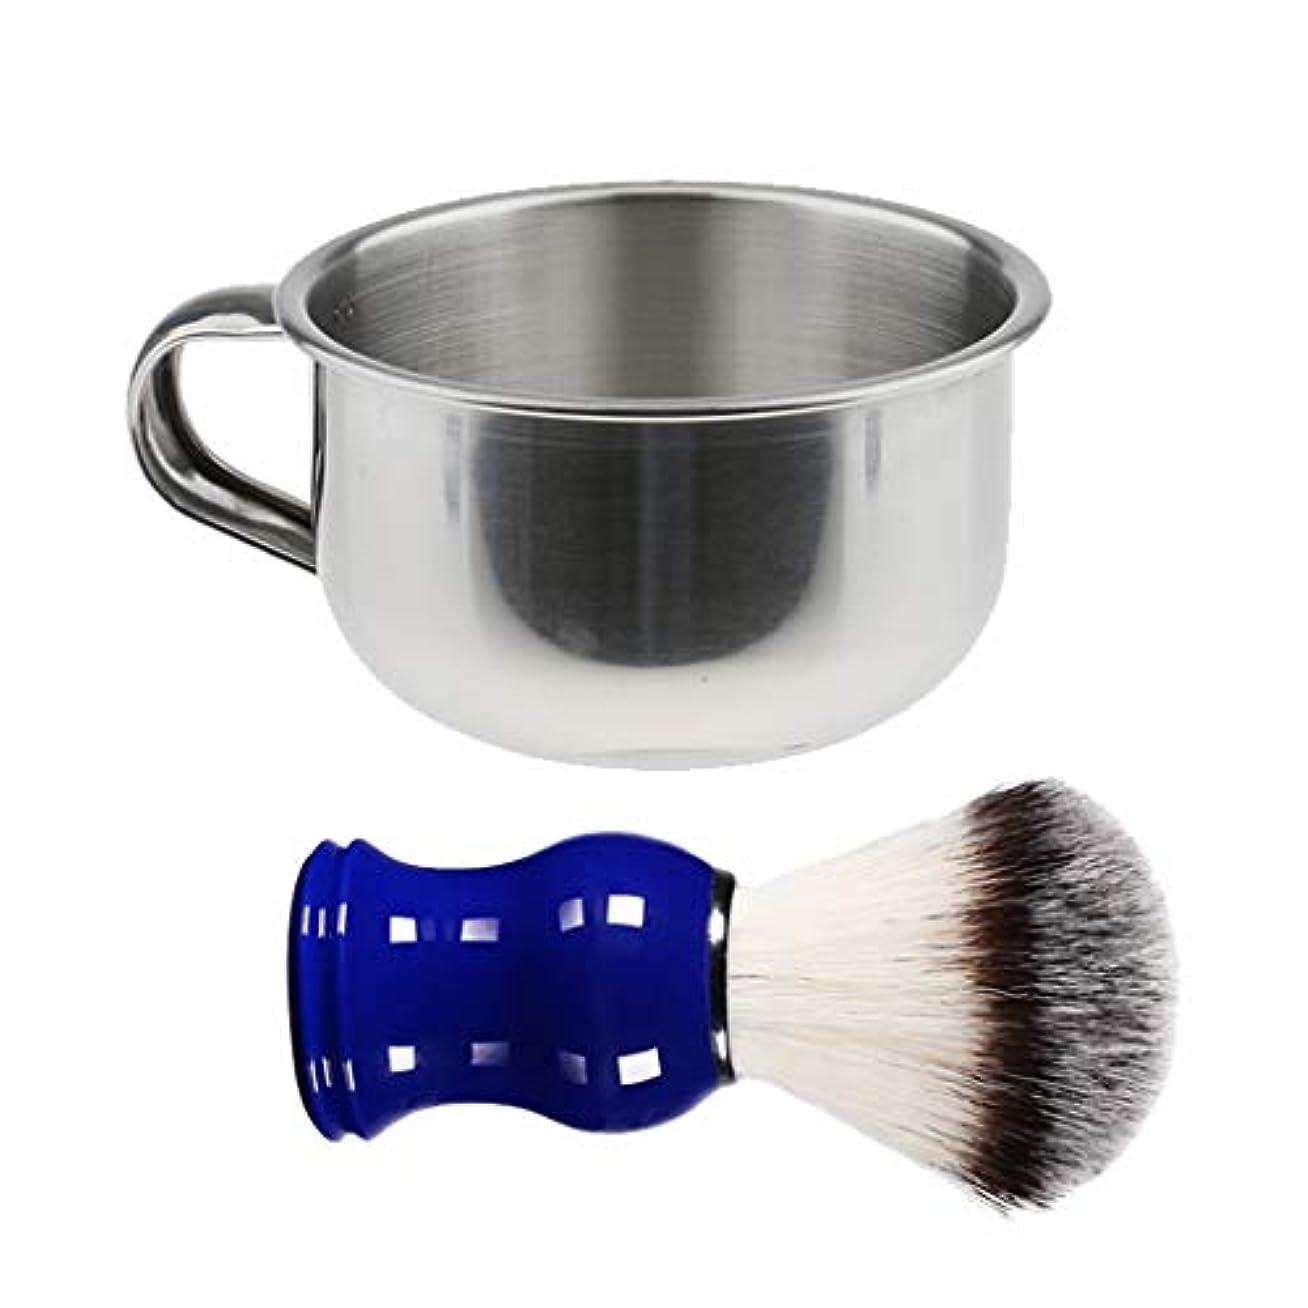 議論するセラフ振る舞うシェービング マグ ボウル カップ メンズ シェービングブラシ 理容 洗顔 髭剃り 泡立ち ギフト